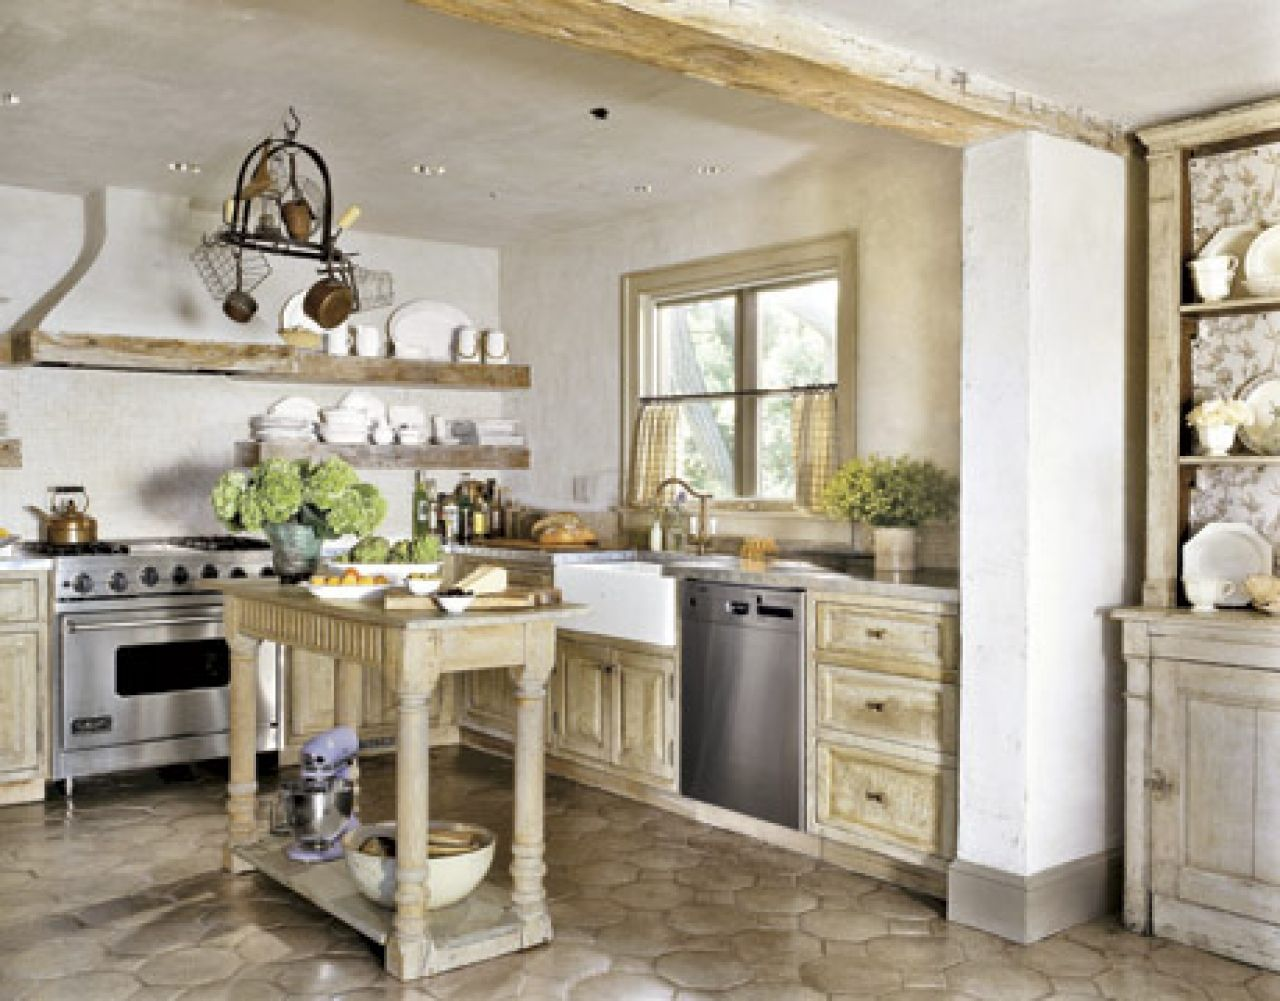 farmhouse design ideas | Farmhouse kitchen ideas with new looks